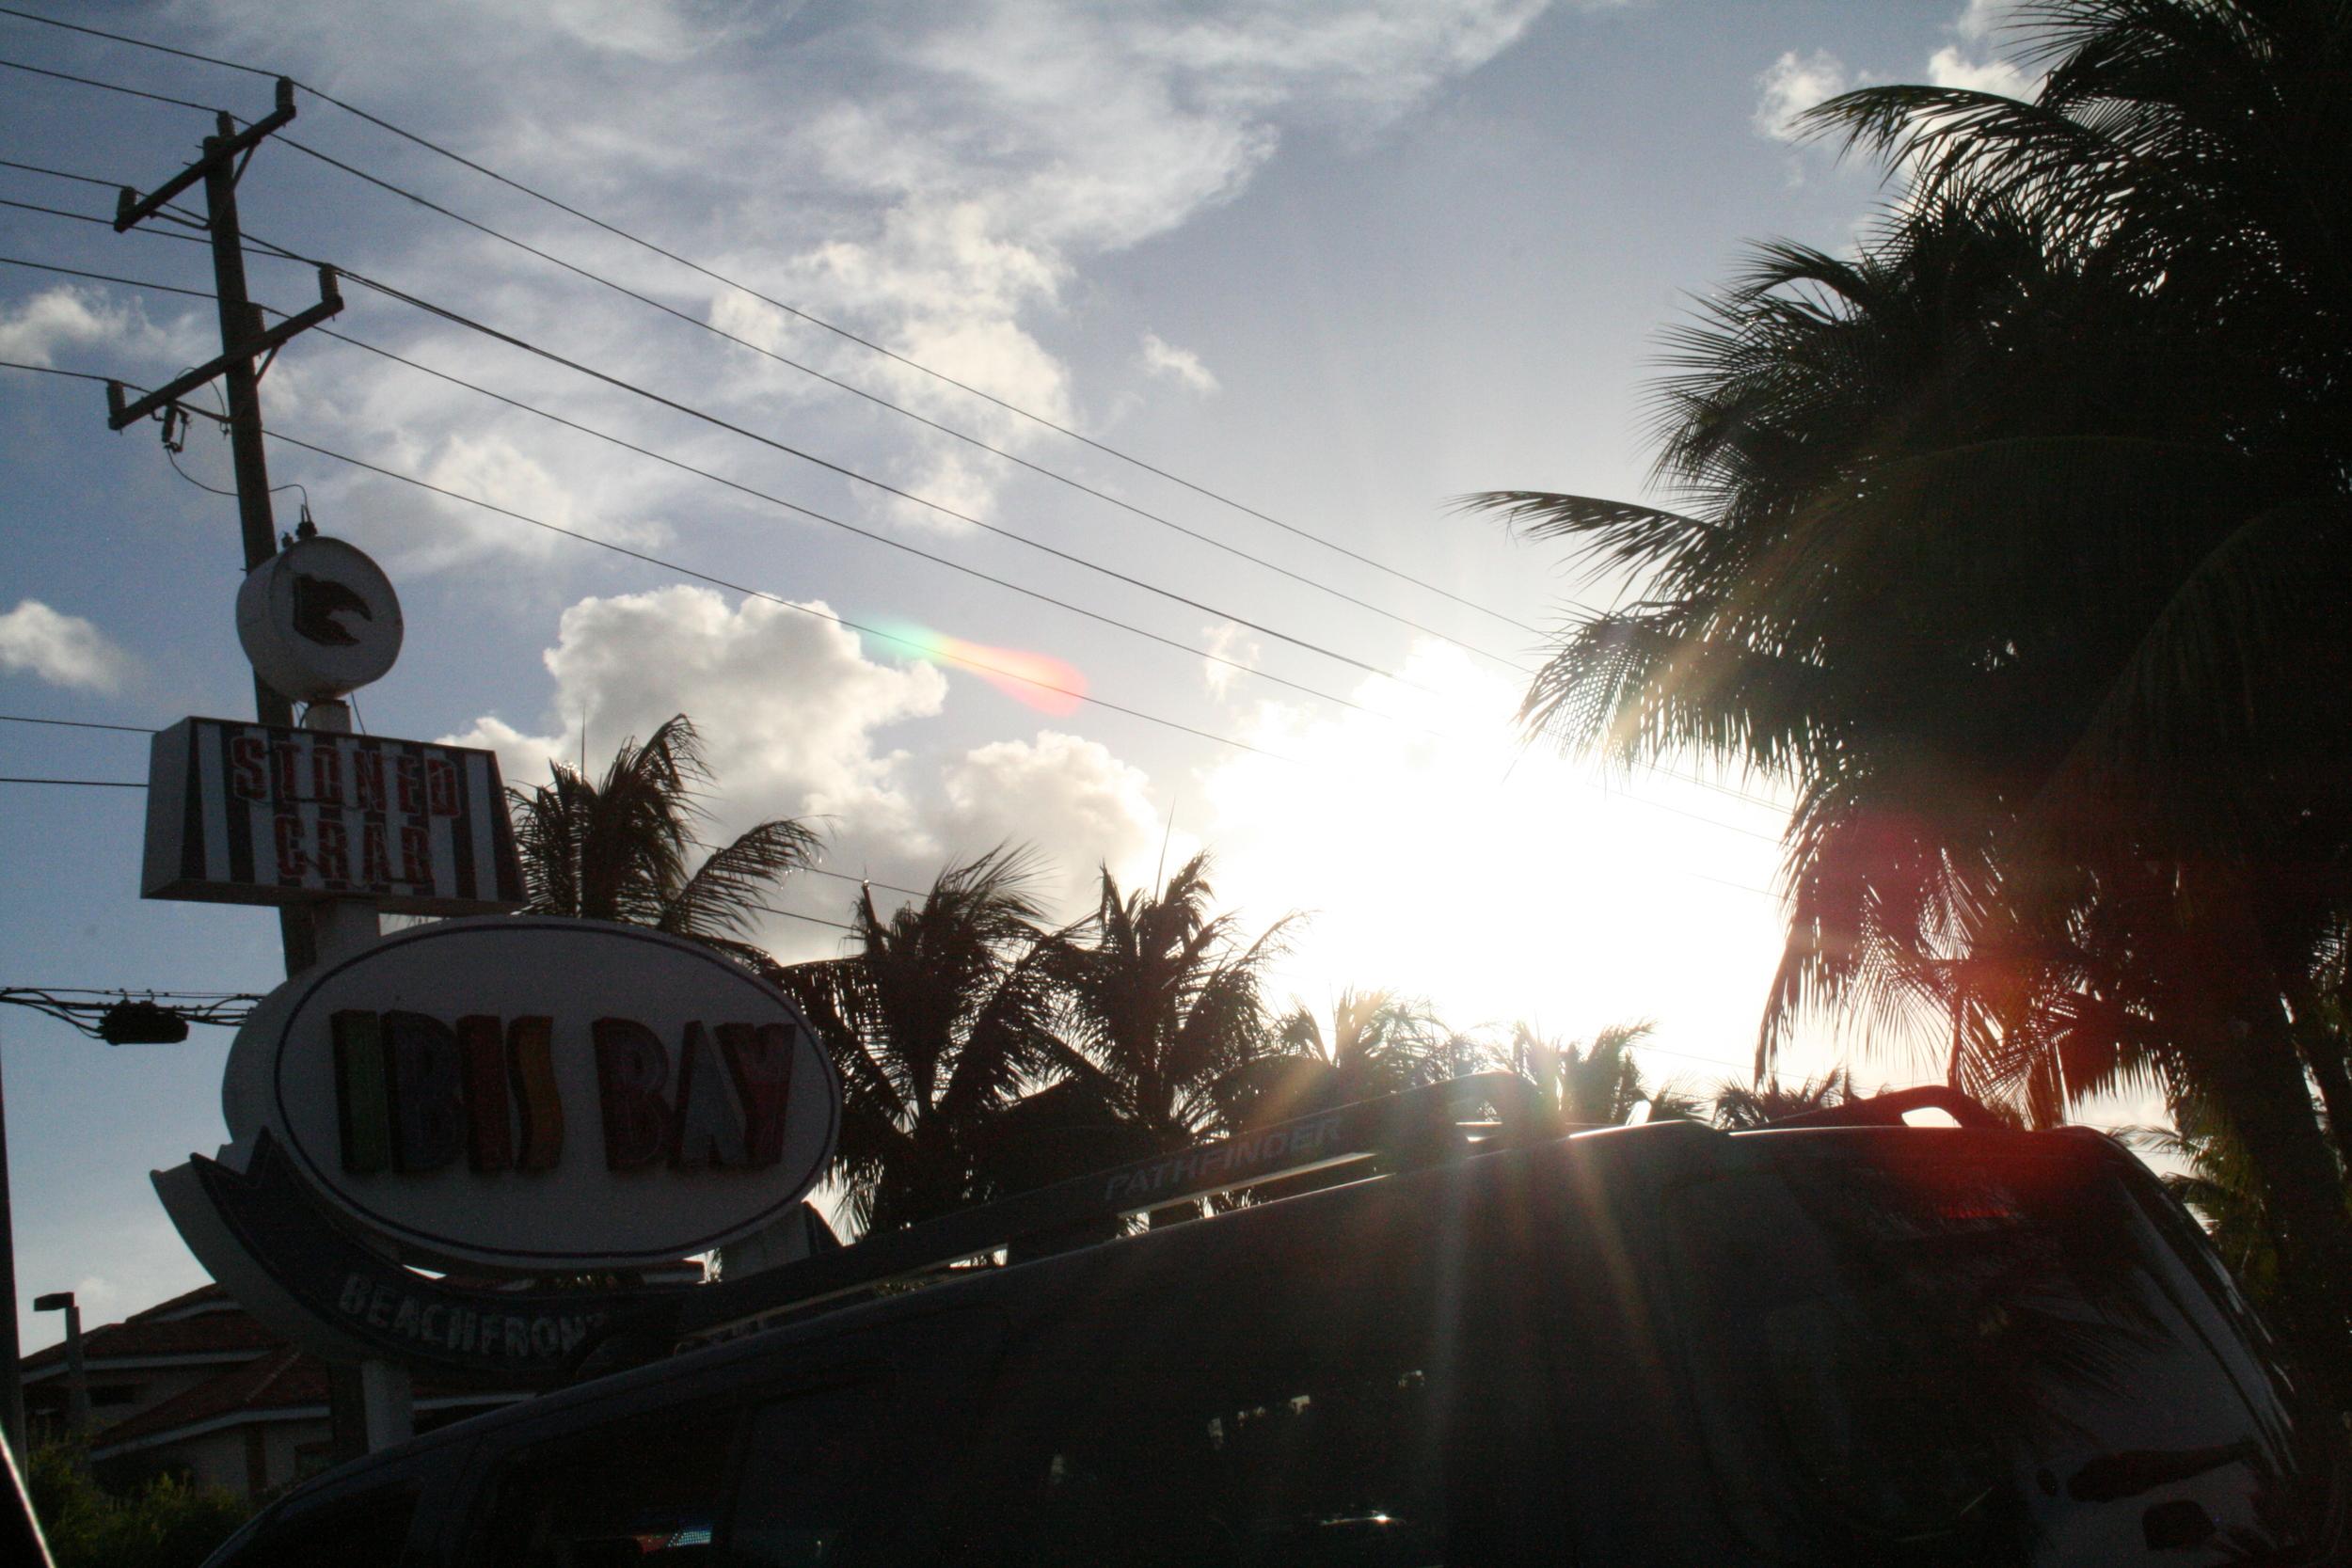 Taken at sunset on Key West